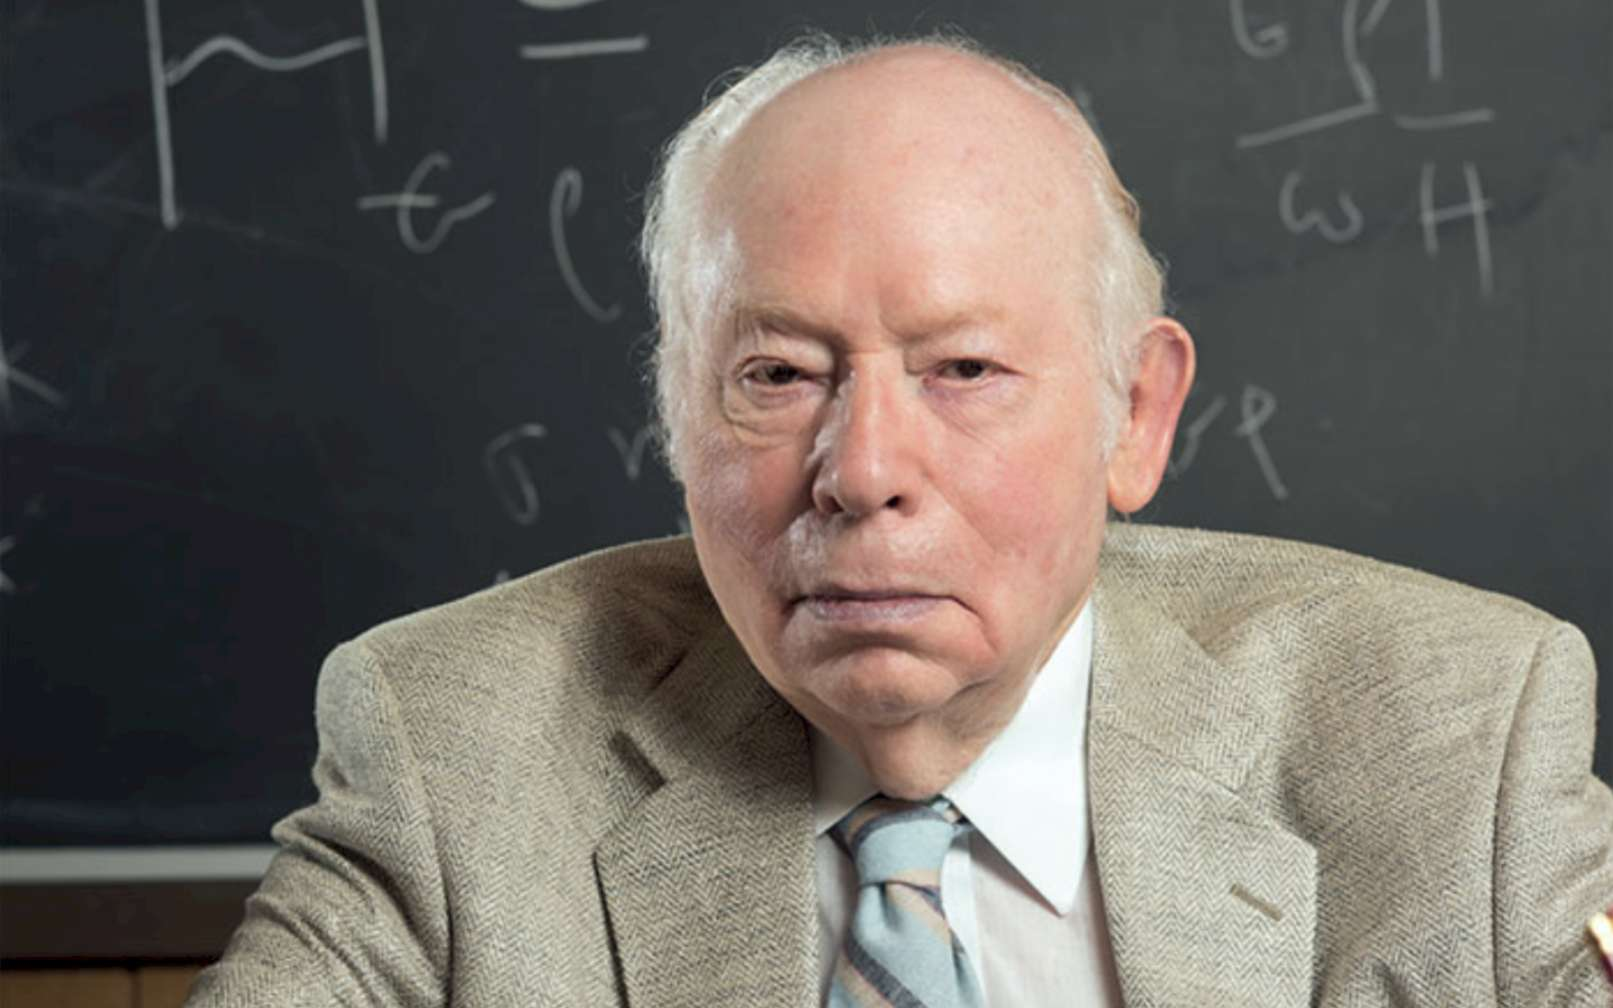 Le prix Nobel Steven Weinberg, unificateur de la lumière et de la radioactivité, s'est éteint